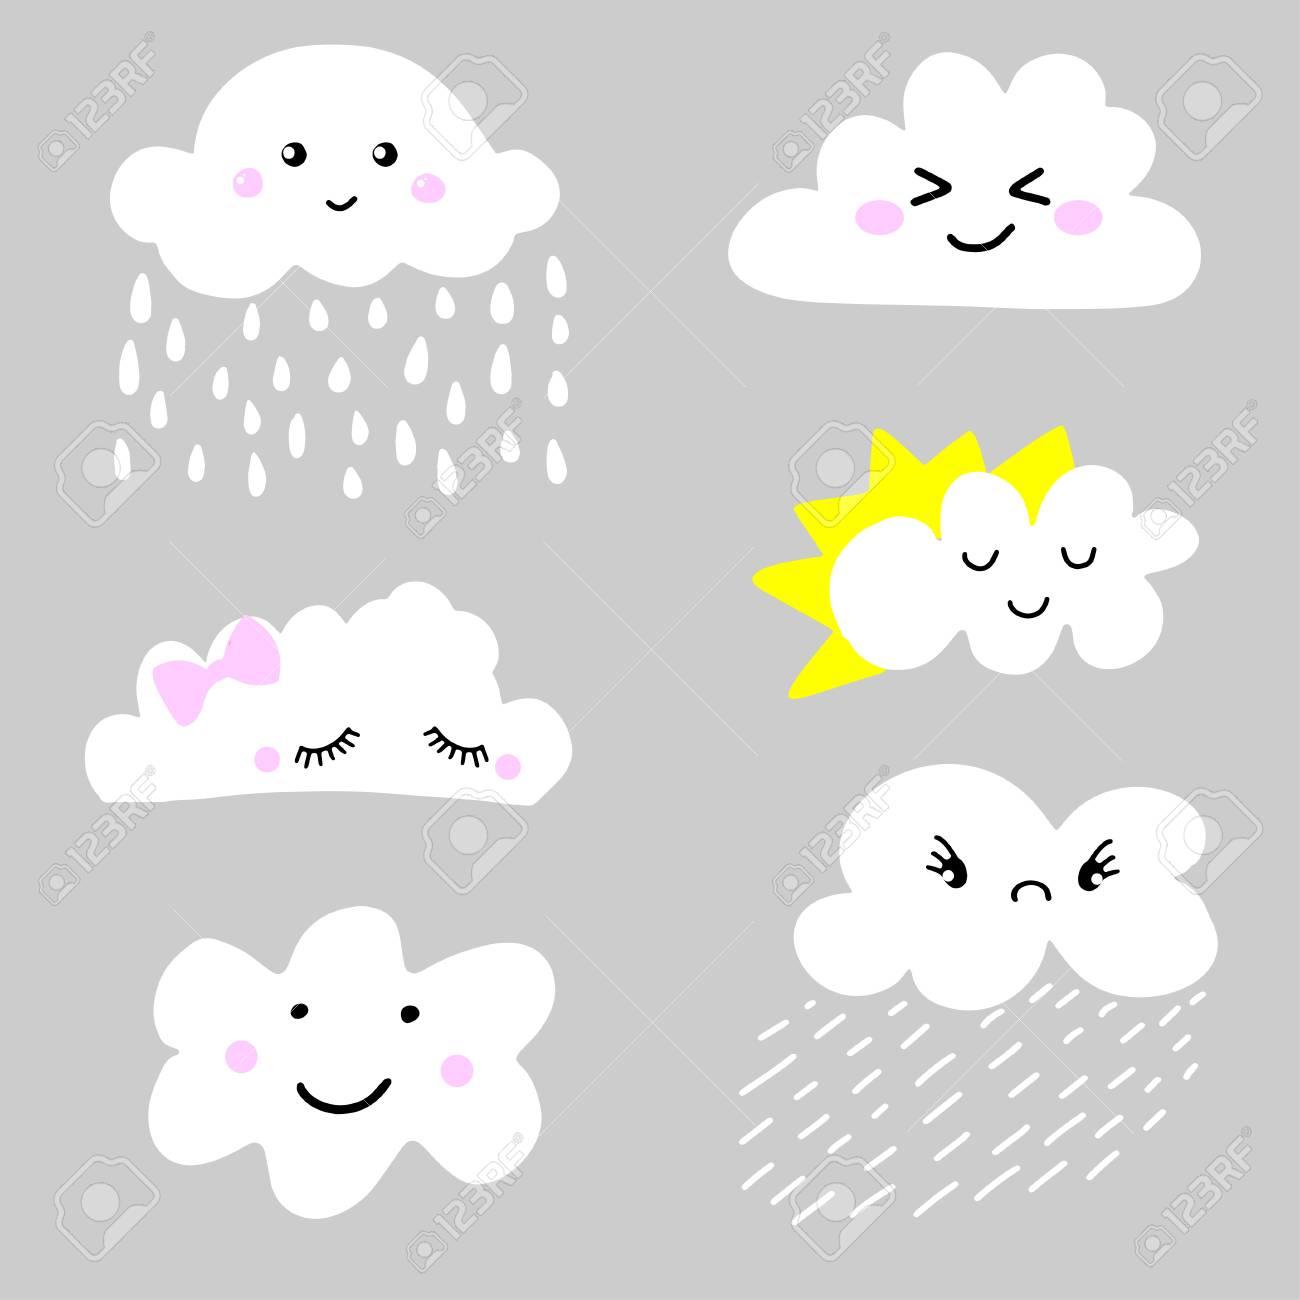 Grupo Bonito E Adorável Do ícone Das Nuvens Do Tempo Dos Desenhos Animados.  Pode Ser Usado Para Têxteis, Ptints, Roupas Infantis, Cartões, Cartazes E  Muito Mais Ilustraciones Vectoriales, Clip Art Vectorizado Libre